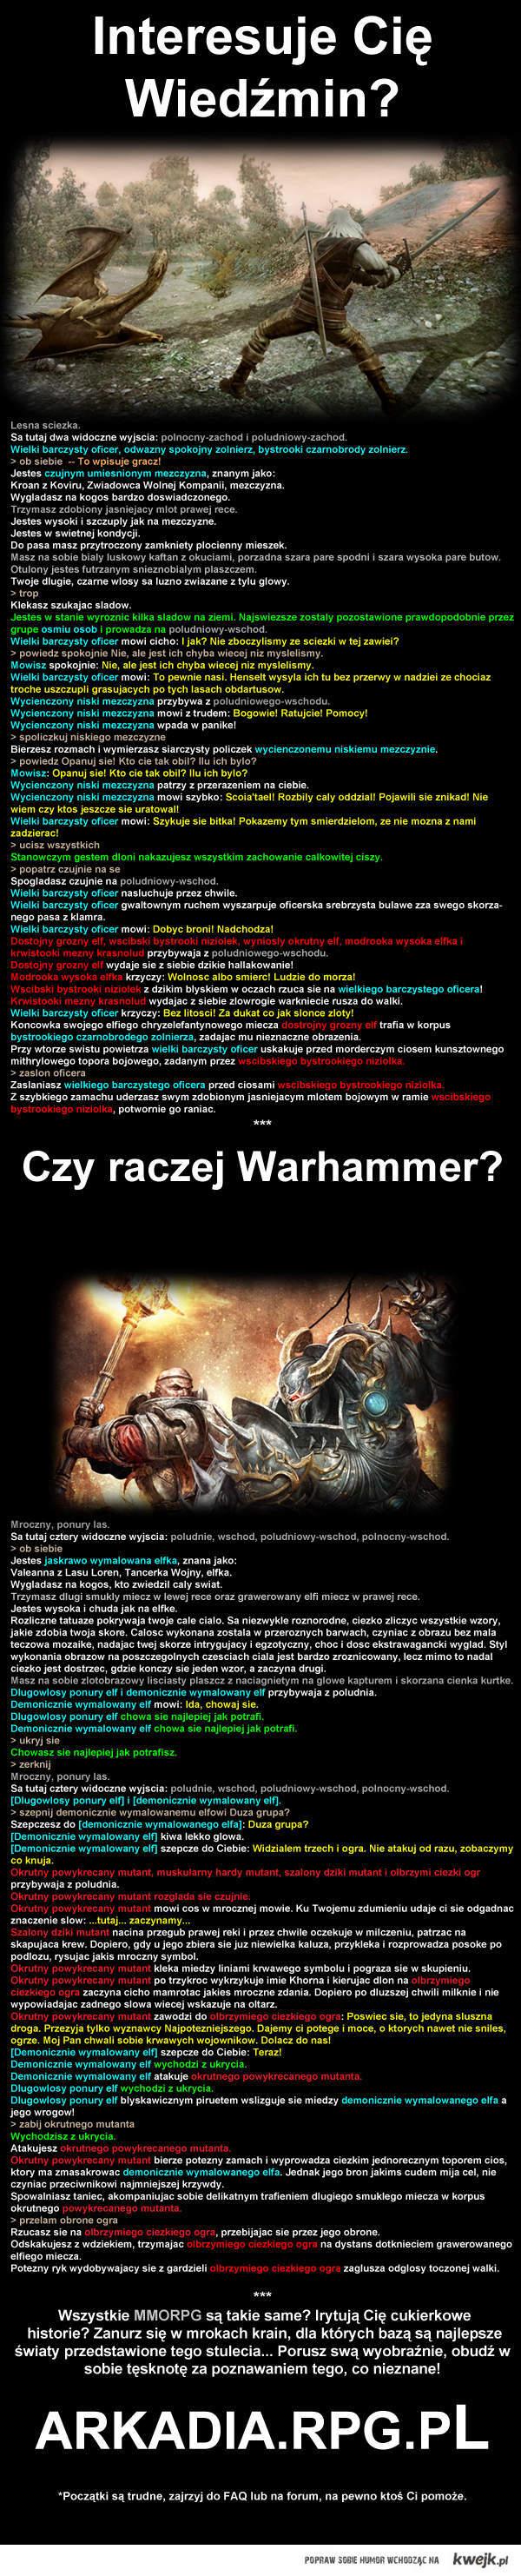 Świetna gra! Wiedźmin i Warhammer!